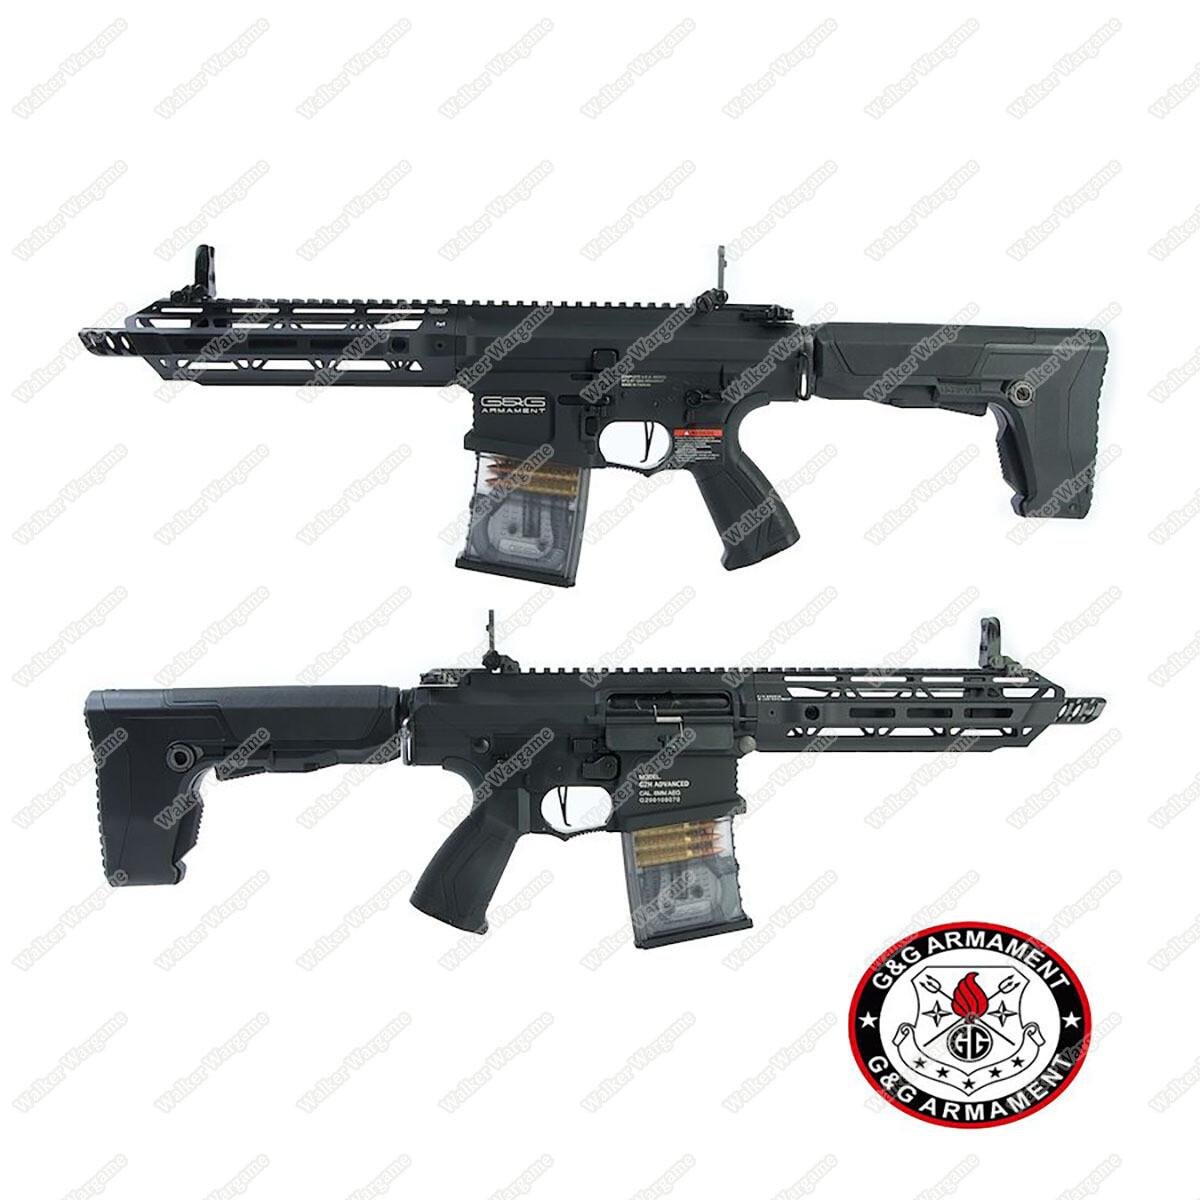 G&G TR16 SBR 308 Mk2 AEG Rifle Build in Mosfet ETU Airsoft Rifle